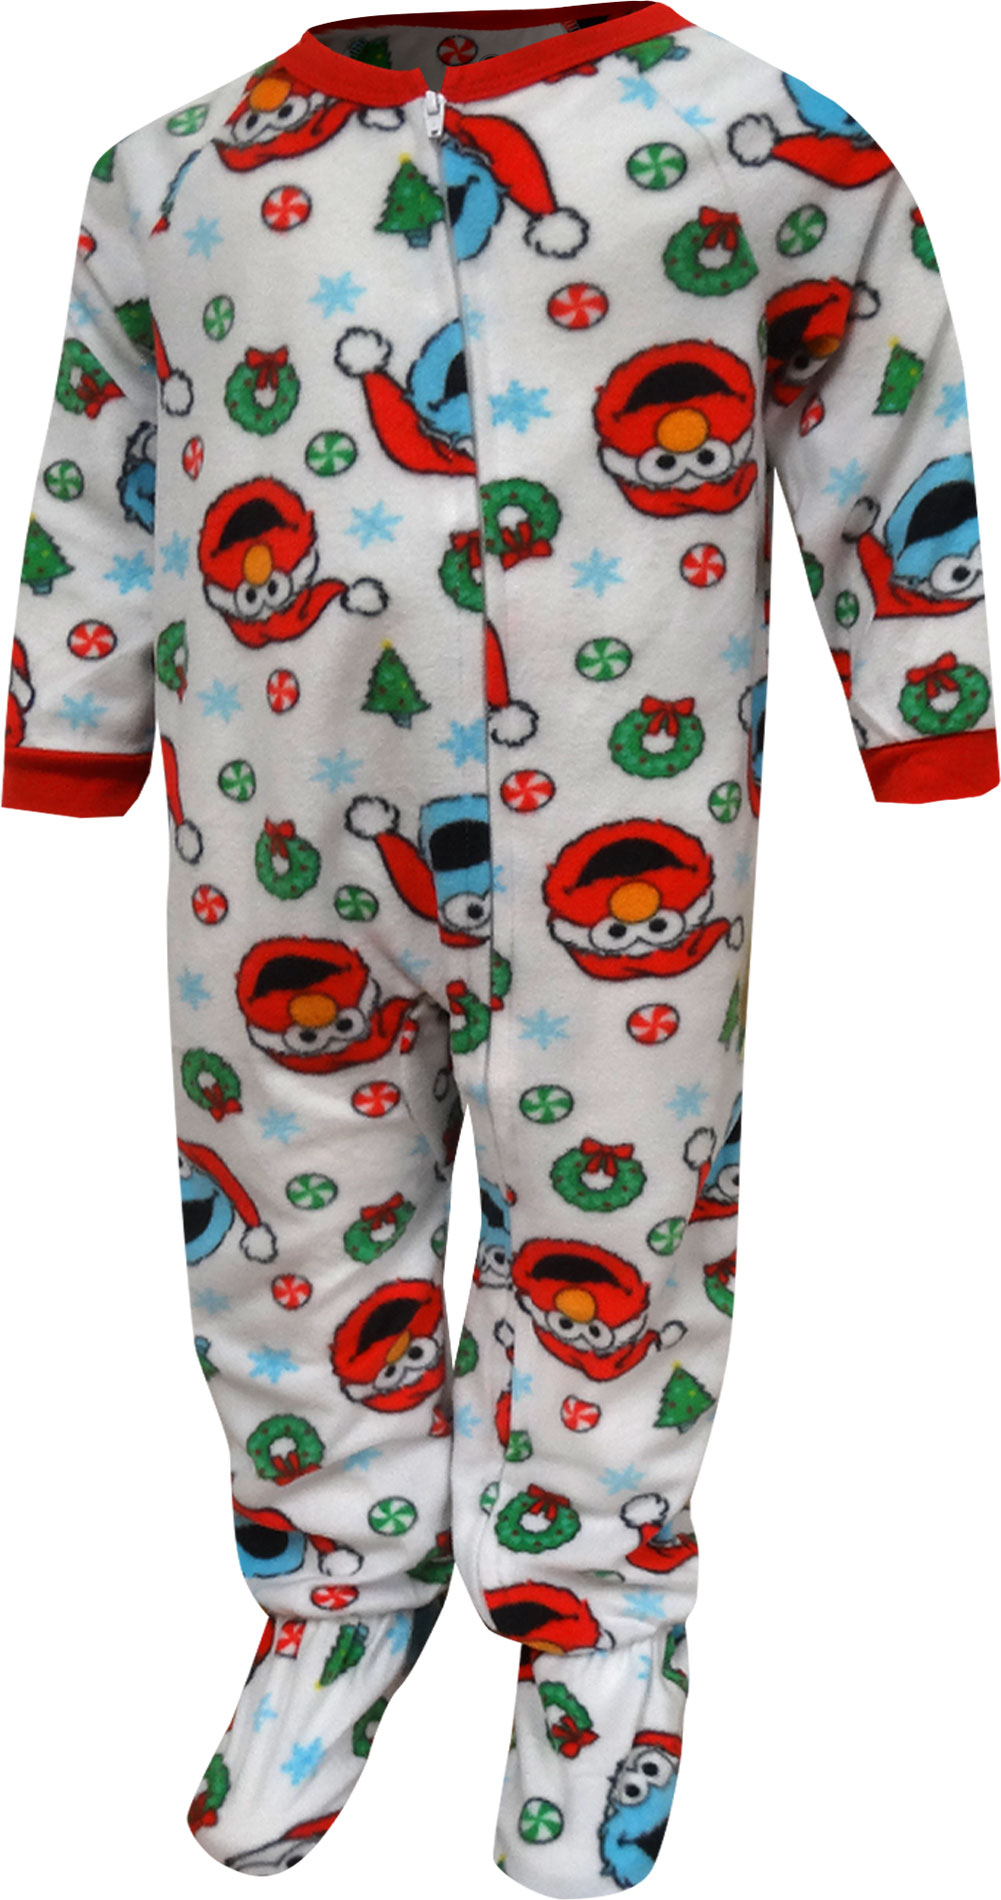 Image of Sesame Street Elmo and Cookie Monster Christmas Toddler Blanket Sleeper for boys